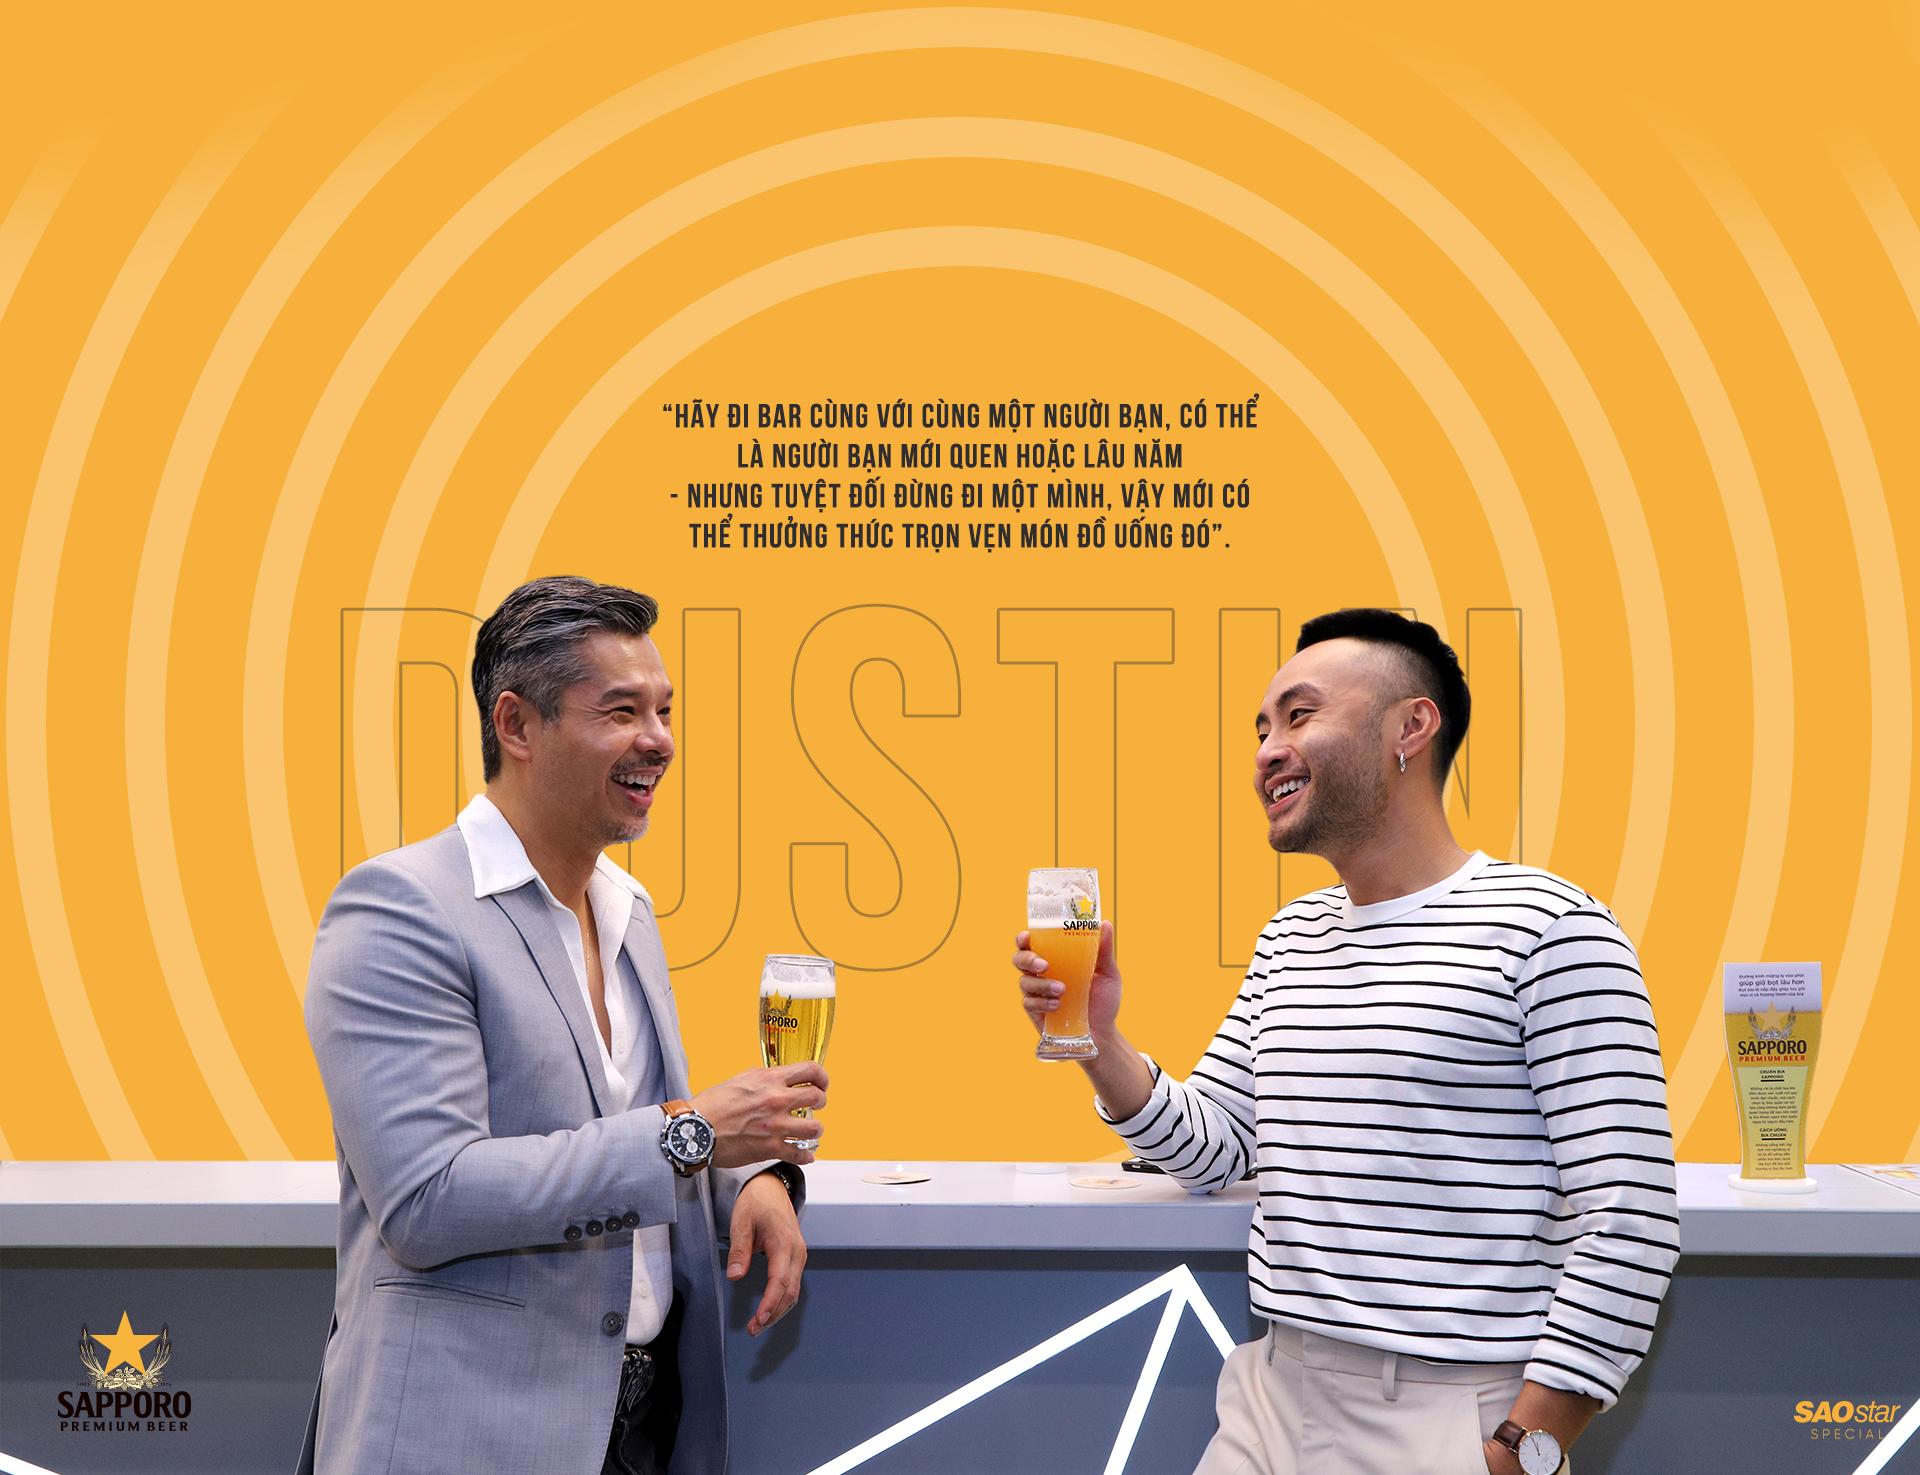 Khám phá quán bar chuẩn Nhật cao cấp giữa lòng Sài Gòn cùng Dustin Nguyễn